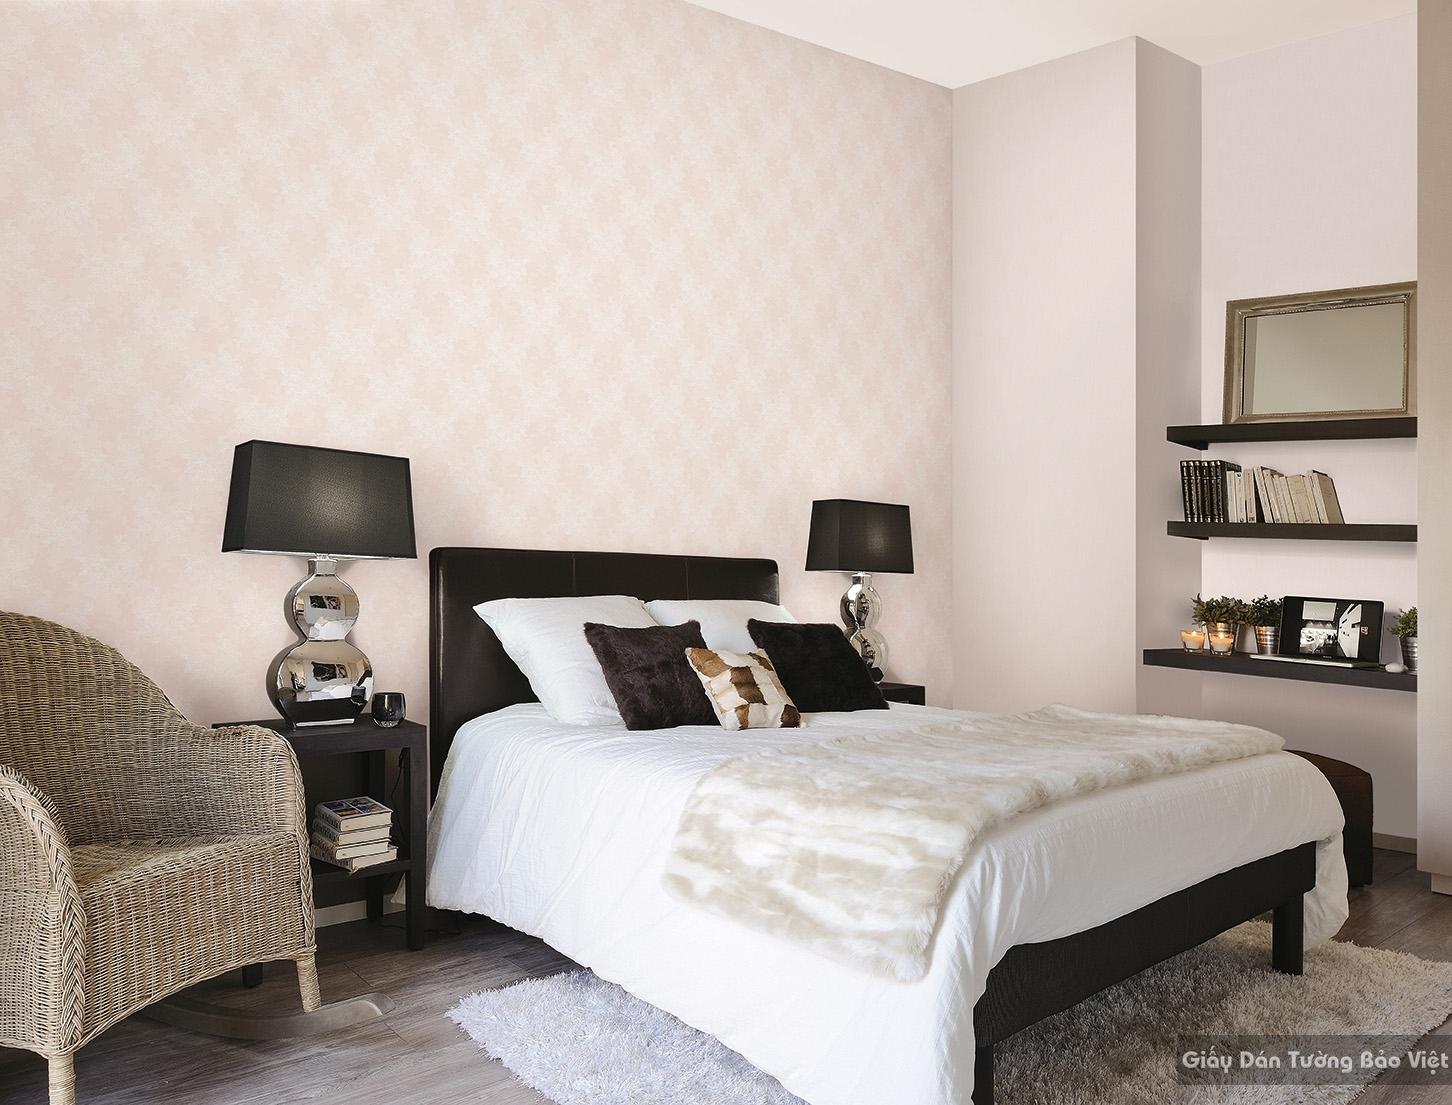 Giấy dán tường phòng ngủ 3d tphcm 77168-2